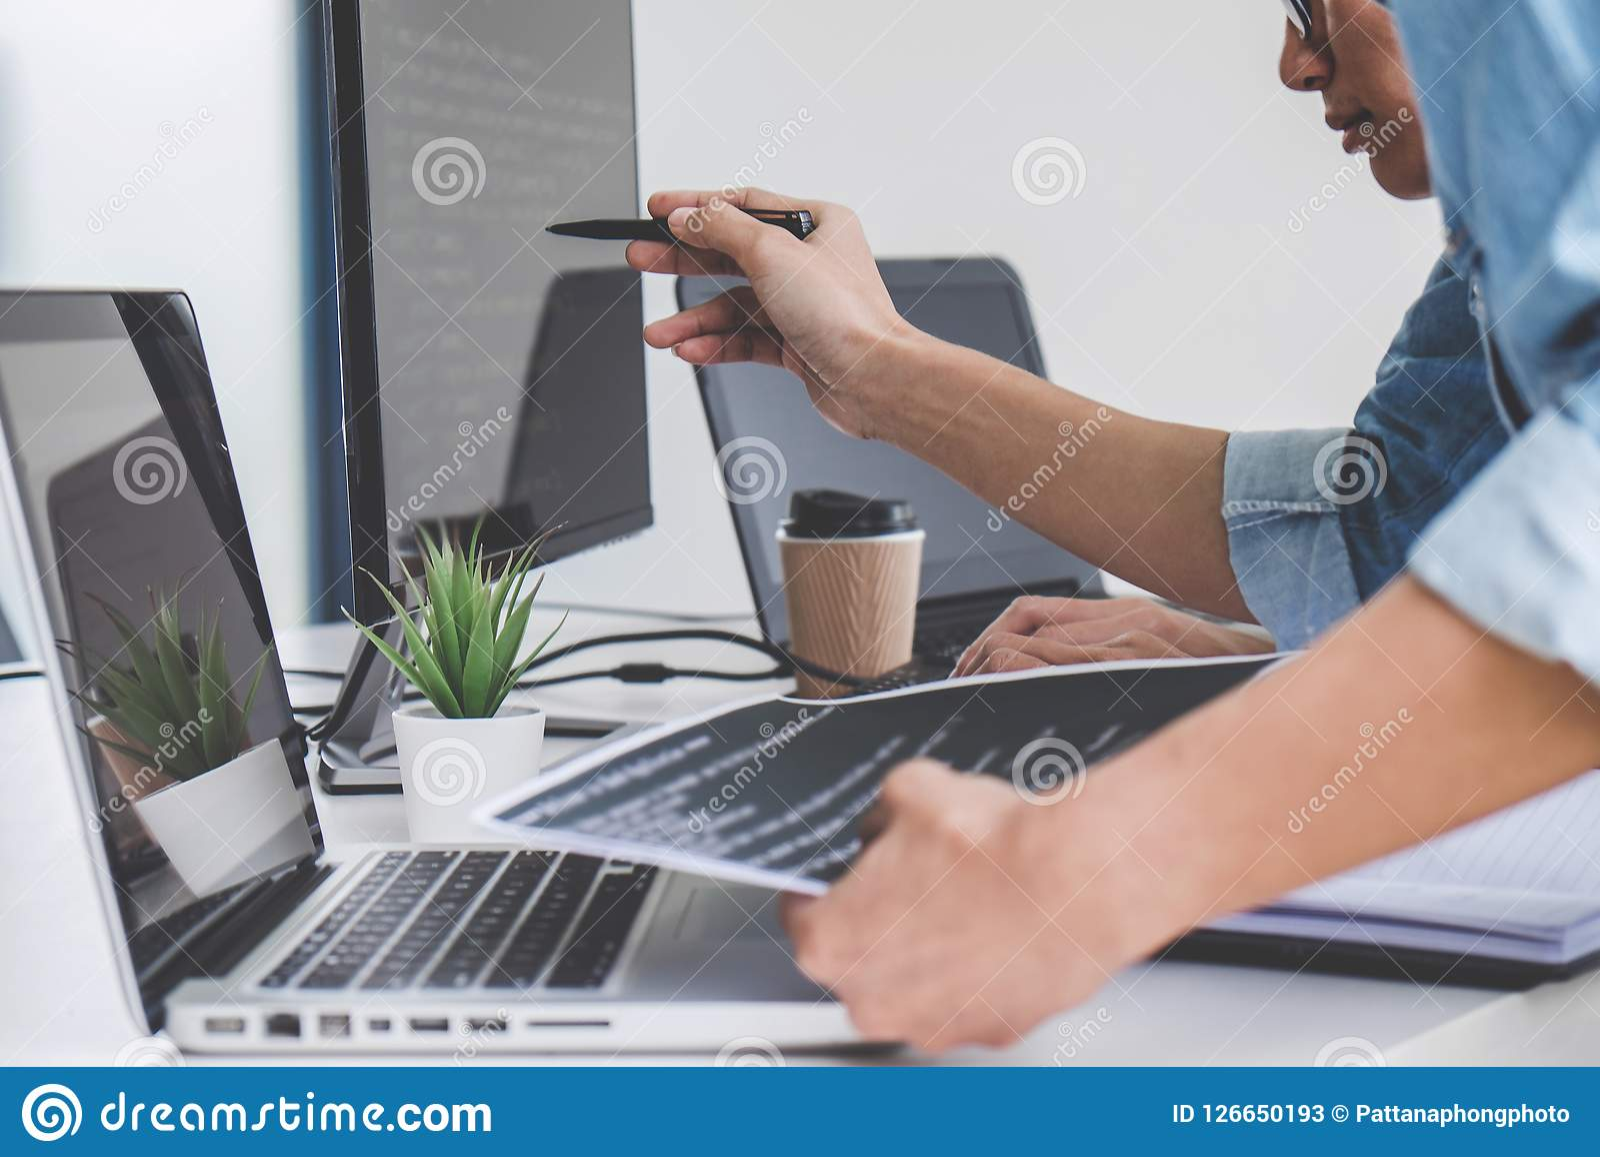 Programmerare som samarbetar på den framkallande programmera och websiten wo